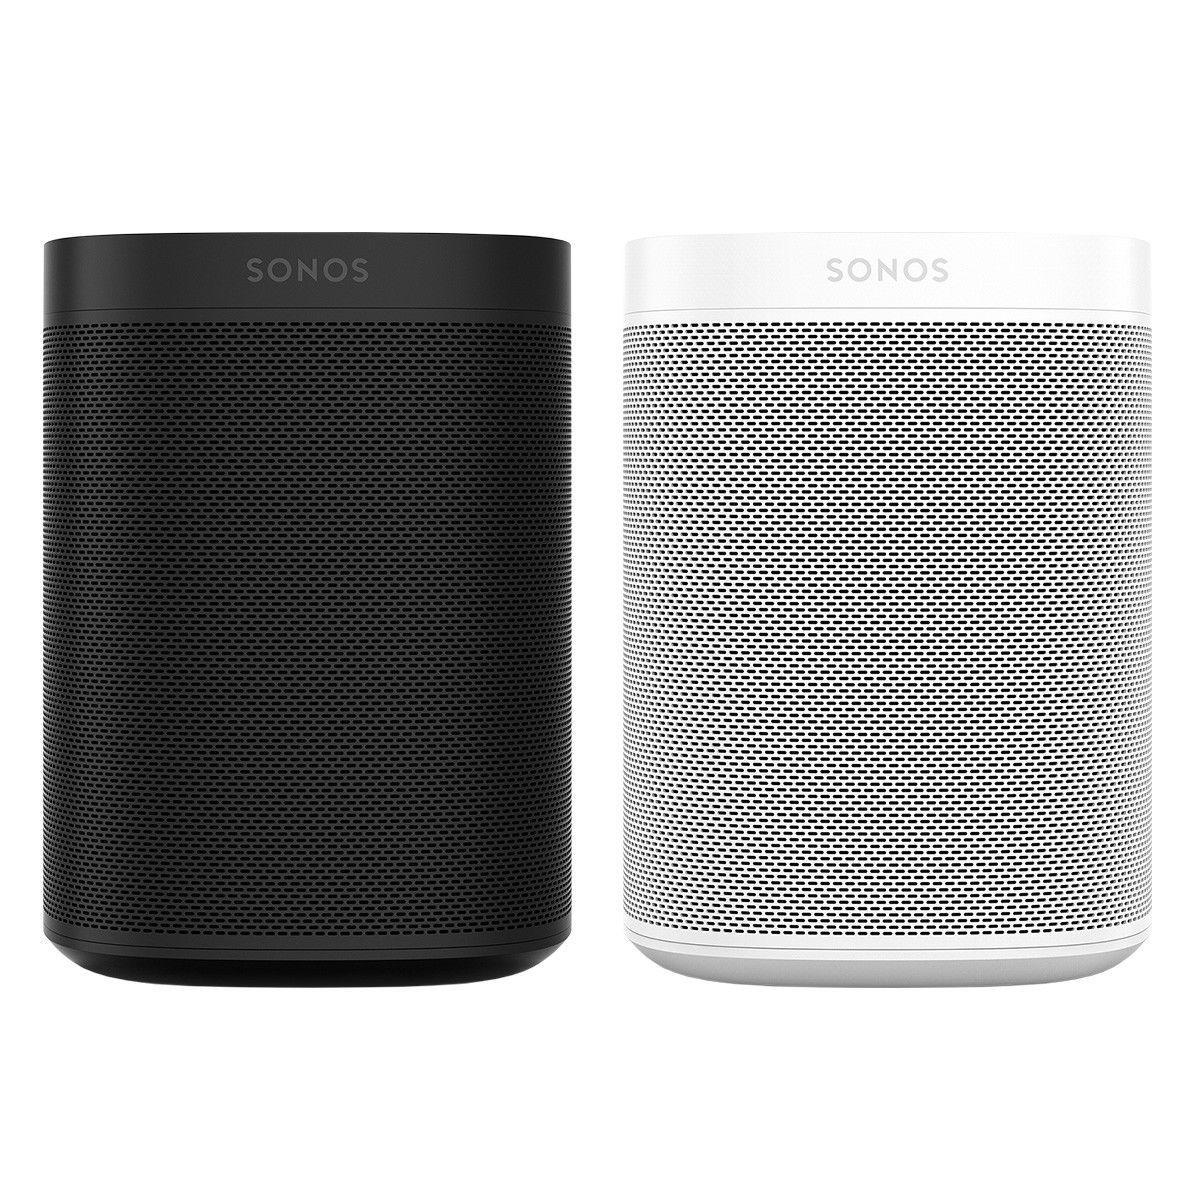 discovering sonos speakers alexa